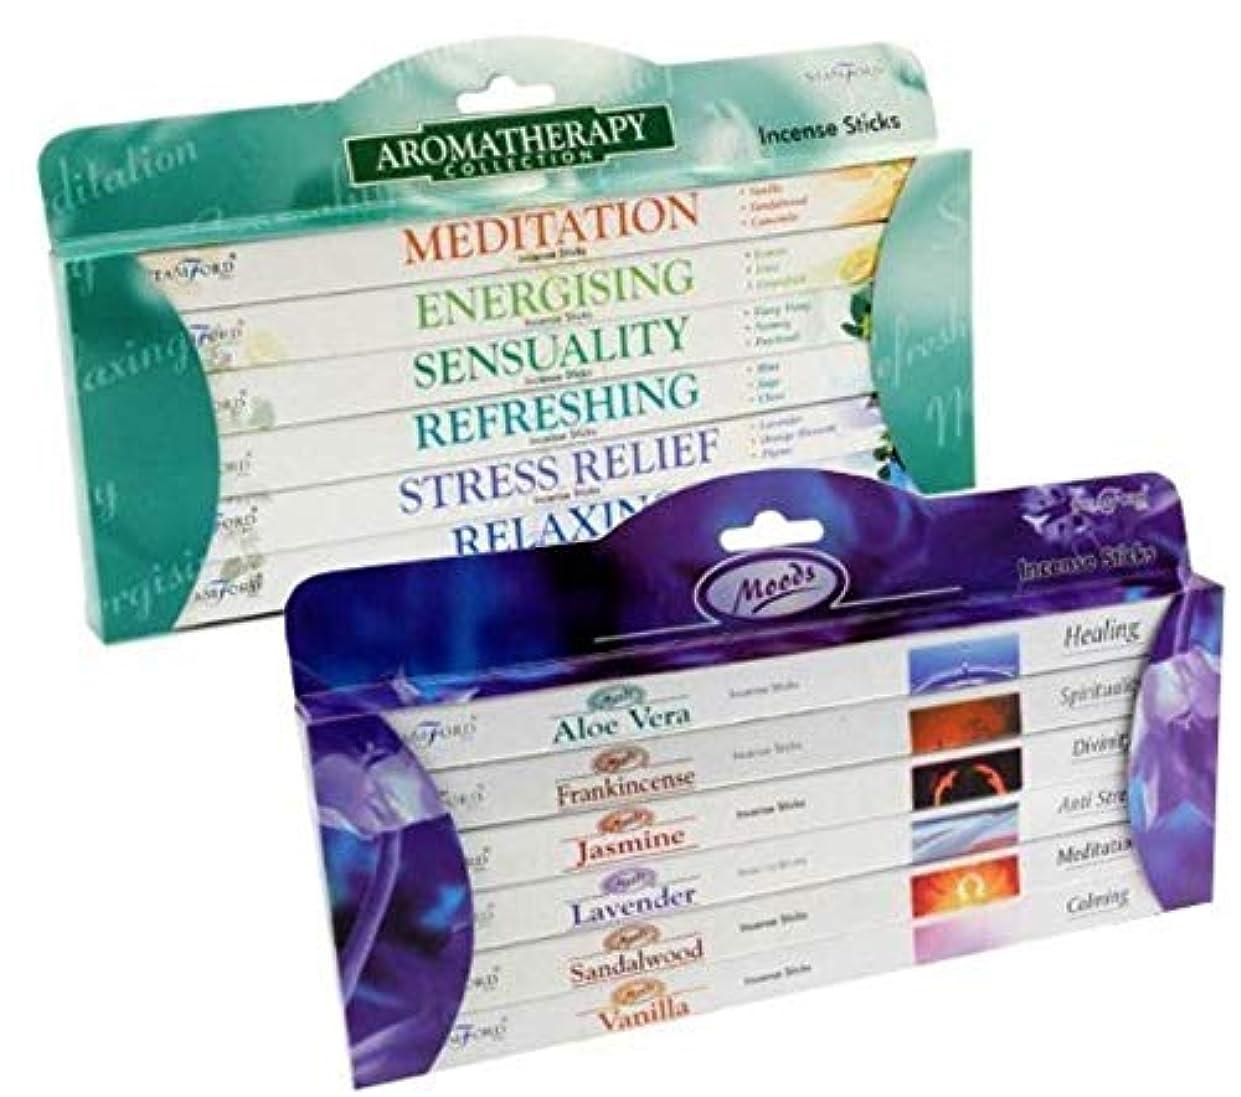 長々とありがたいハッピーValue Gift Set of 96 Incense Sticks - Moods and Aromatherapy by Stamford by Stamford and Tulasi